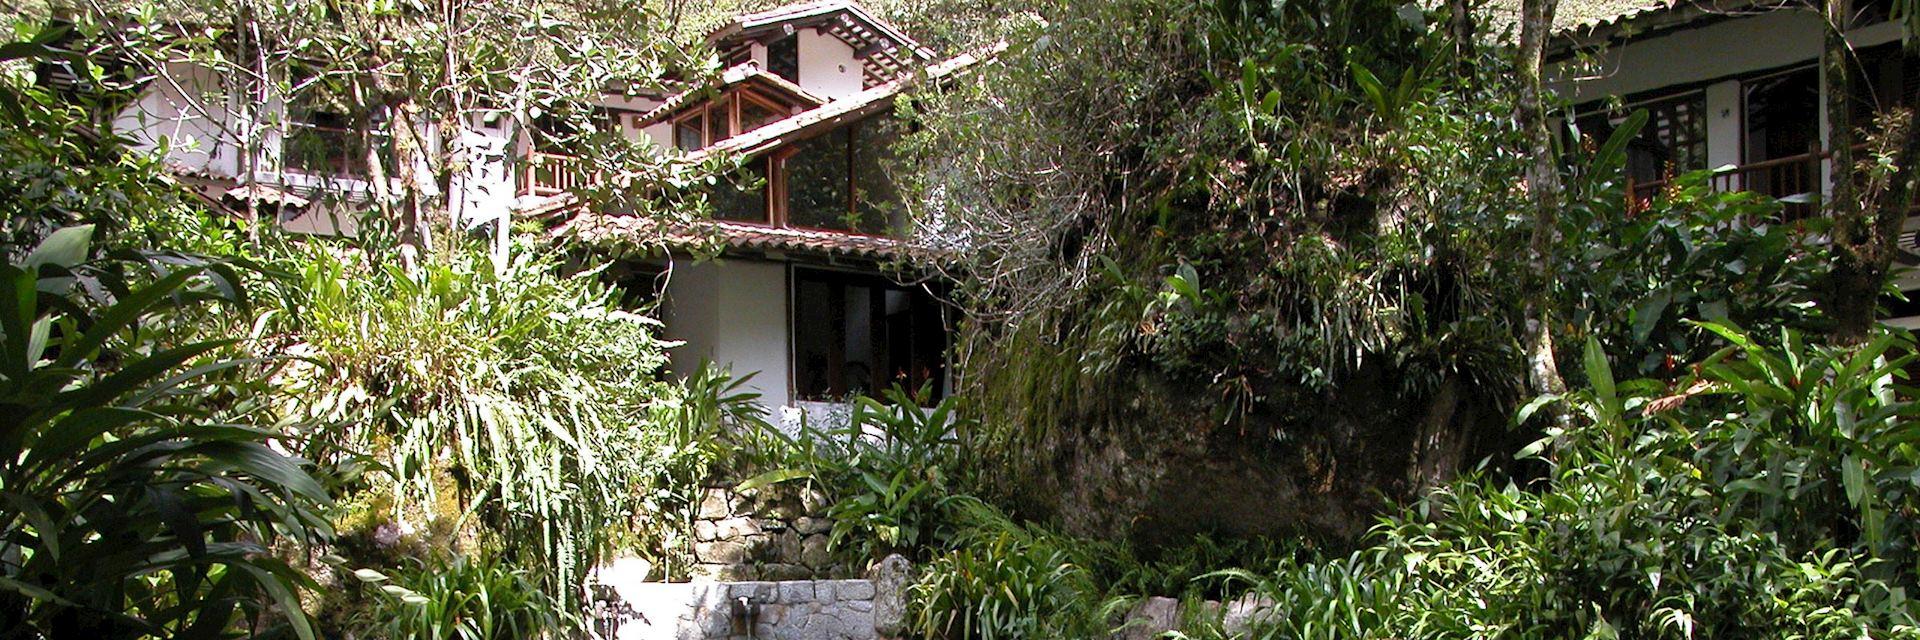 The Inkaterra Machu Picchu Hotel